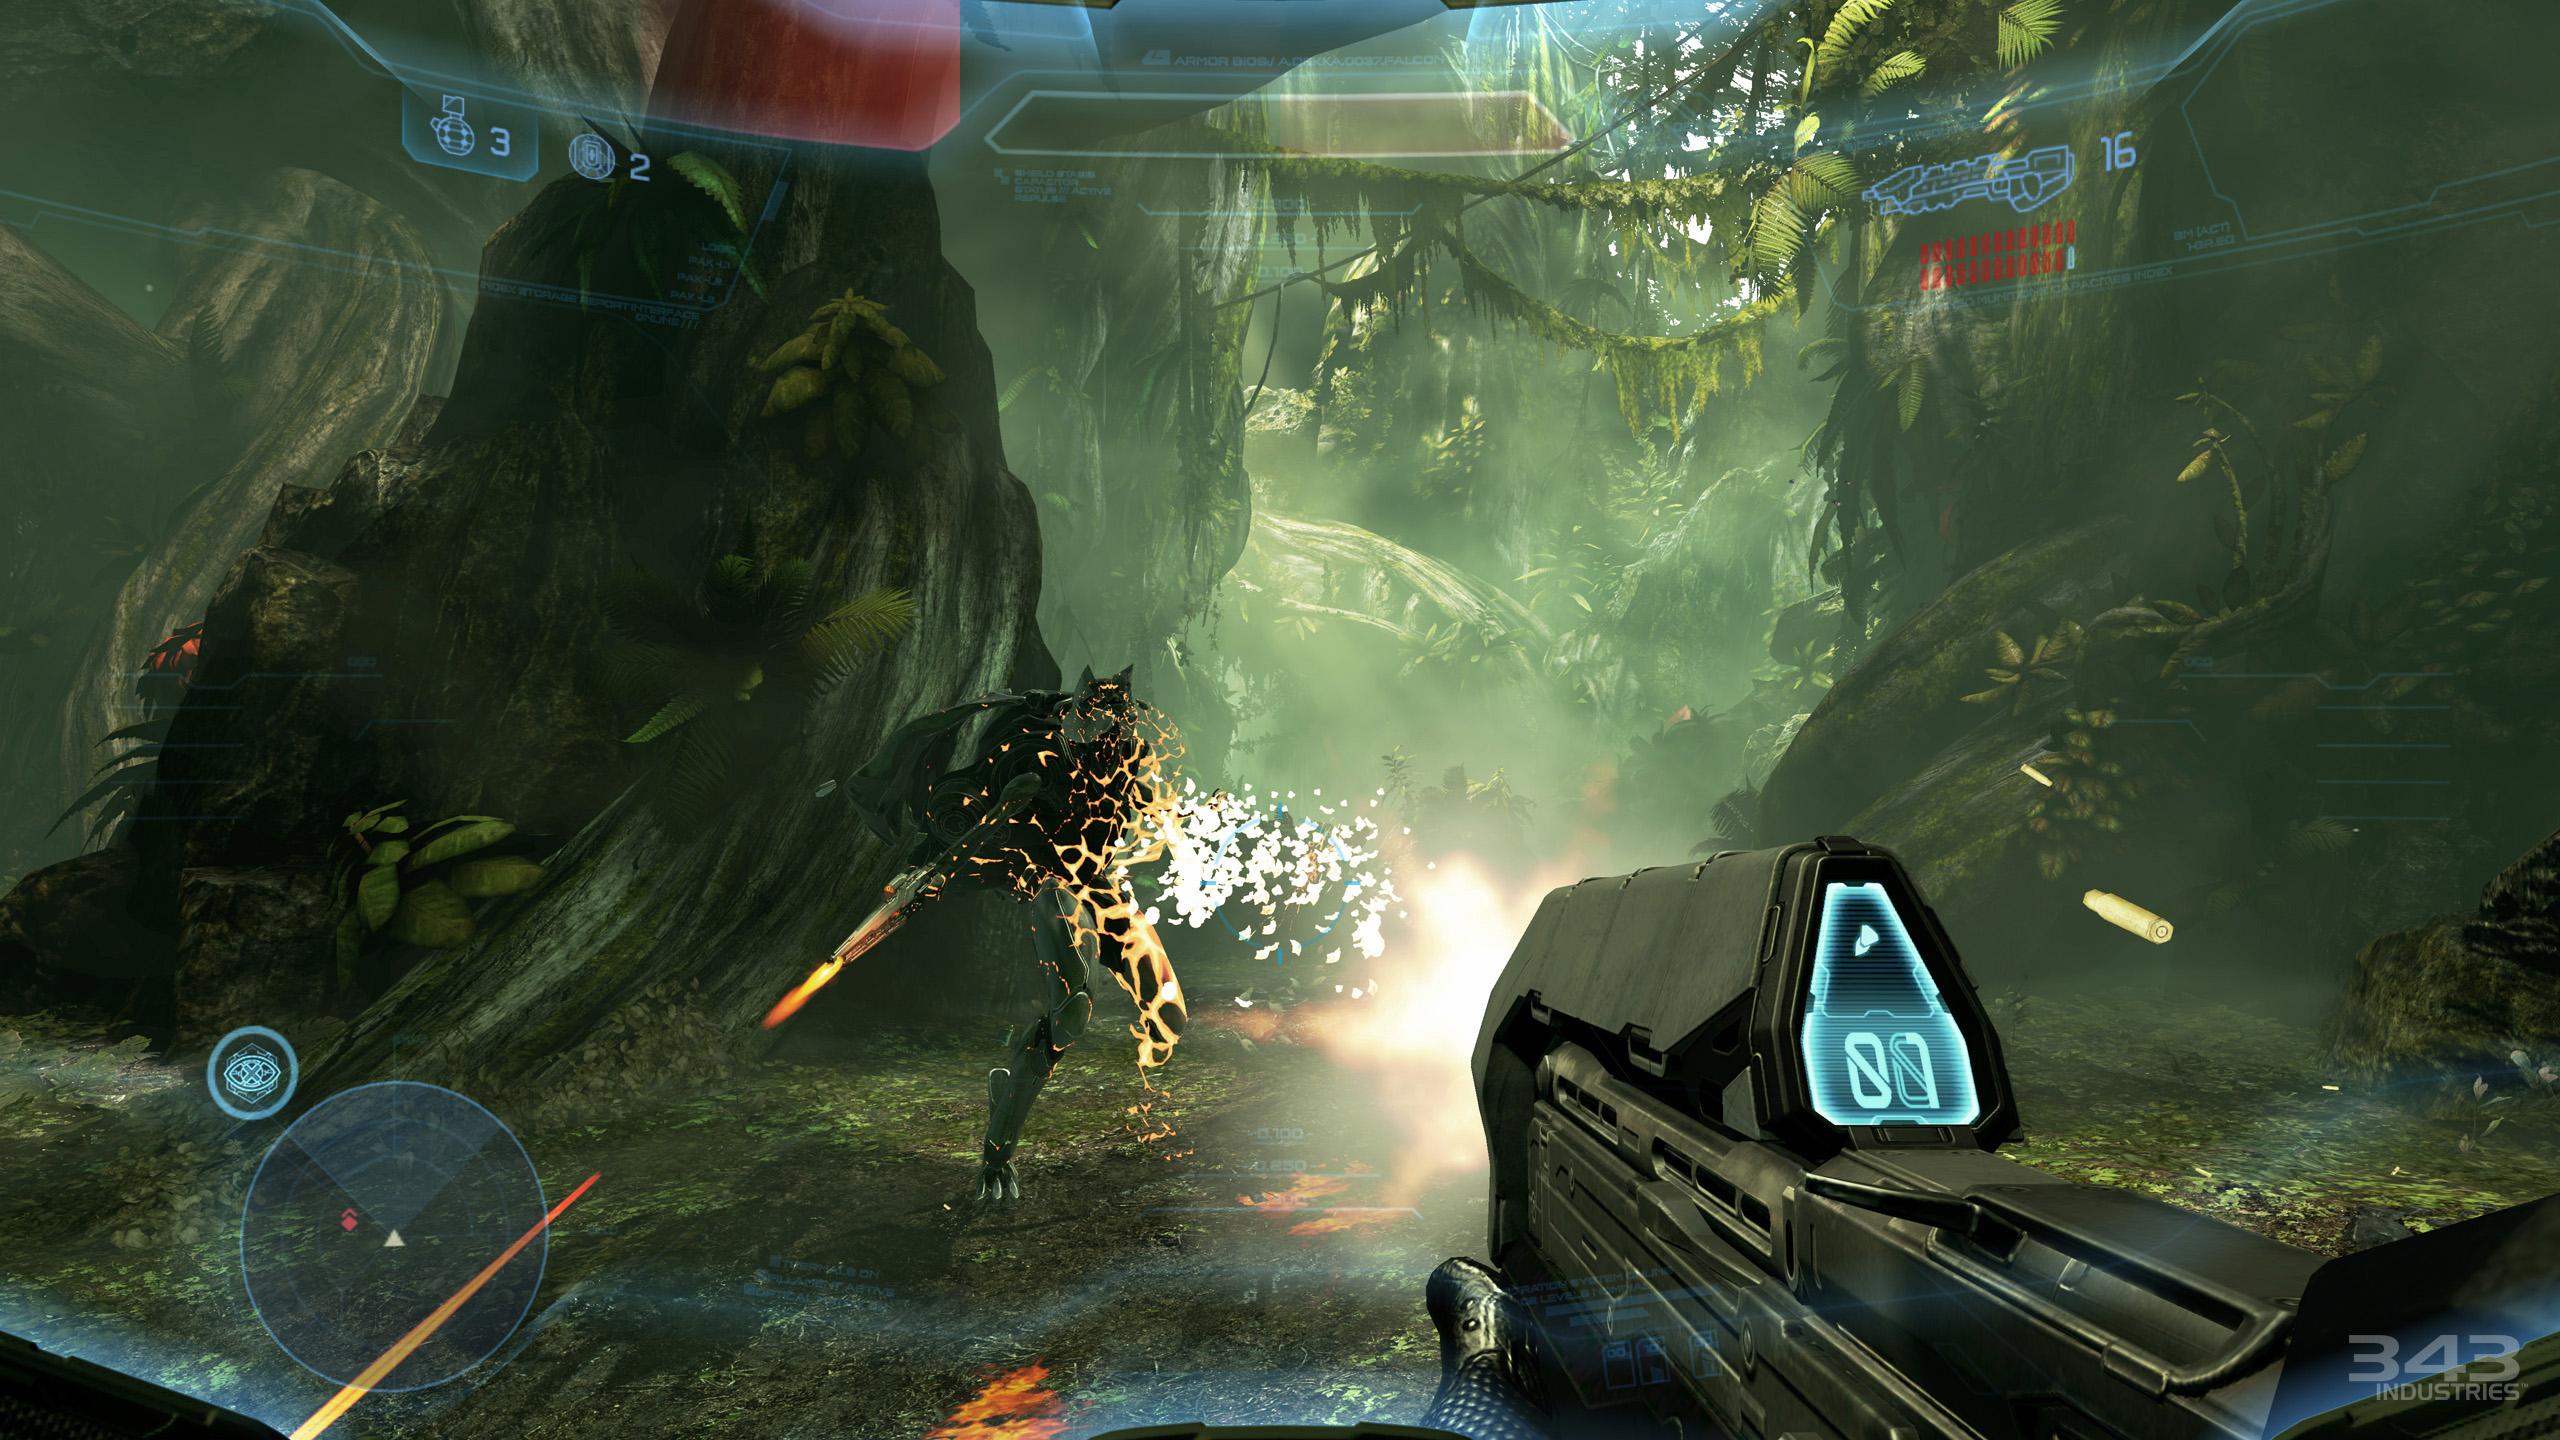 Halo 4   Xbox 360   wwwGameInformercom 2560x1440